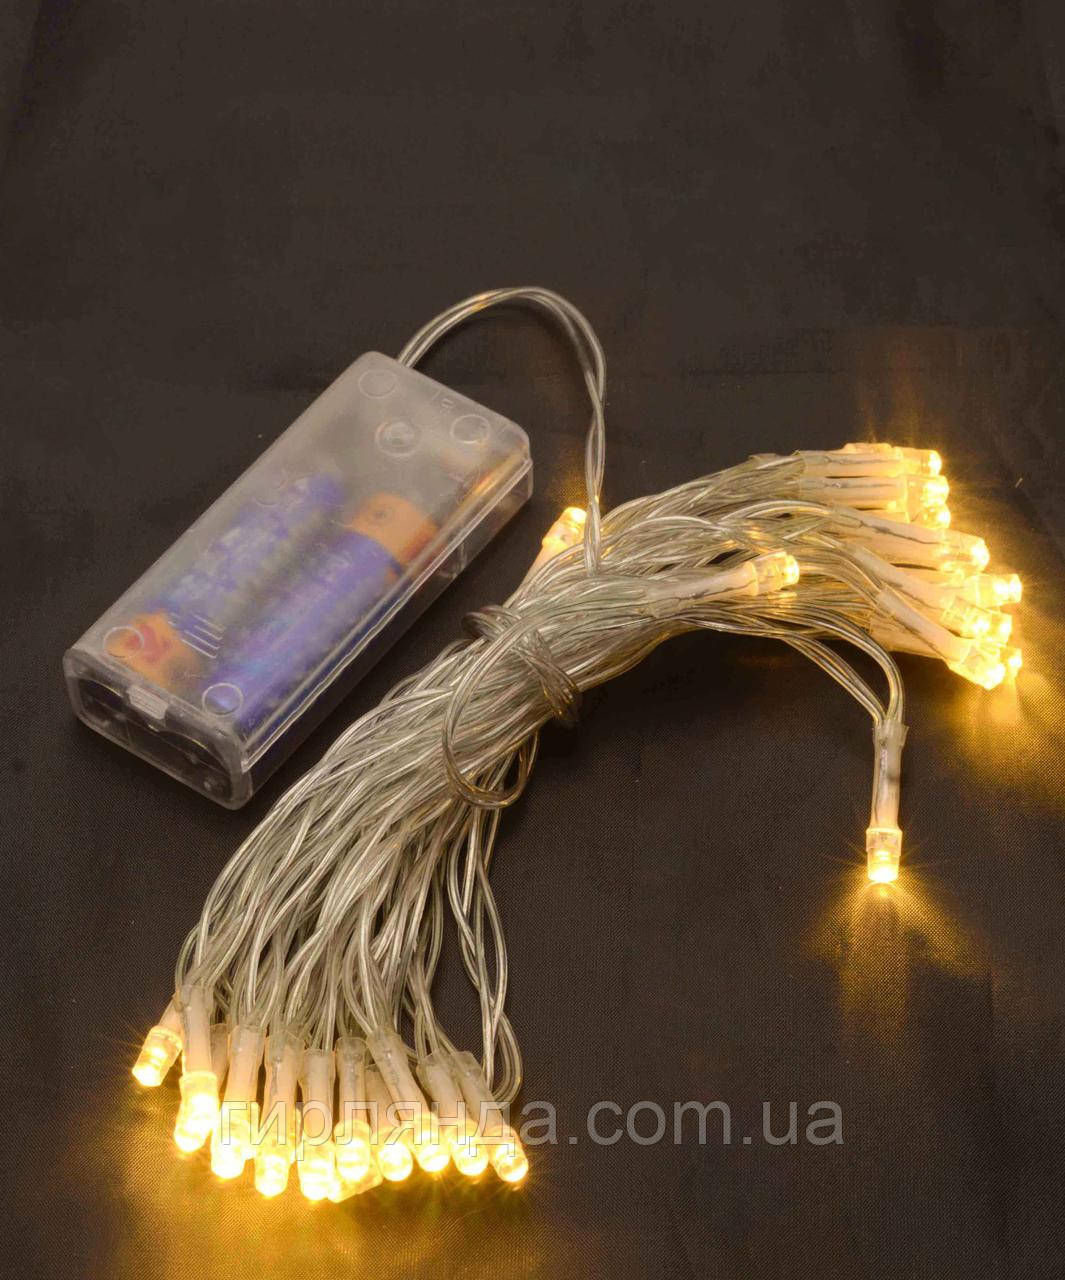 НА БАТАРЕЙКАХ 80 LED, 8м, теплий білий